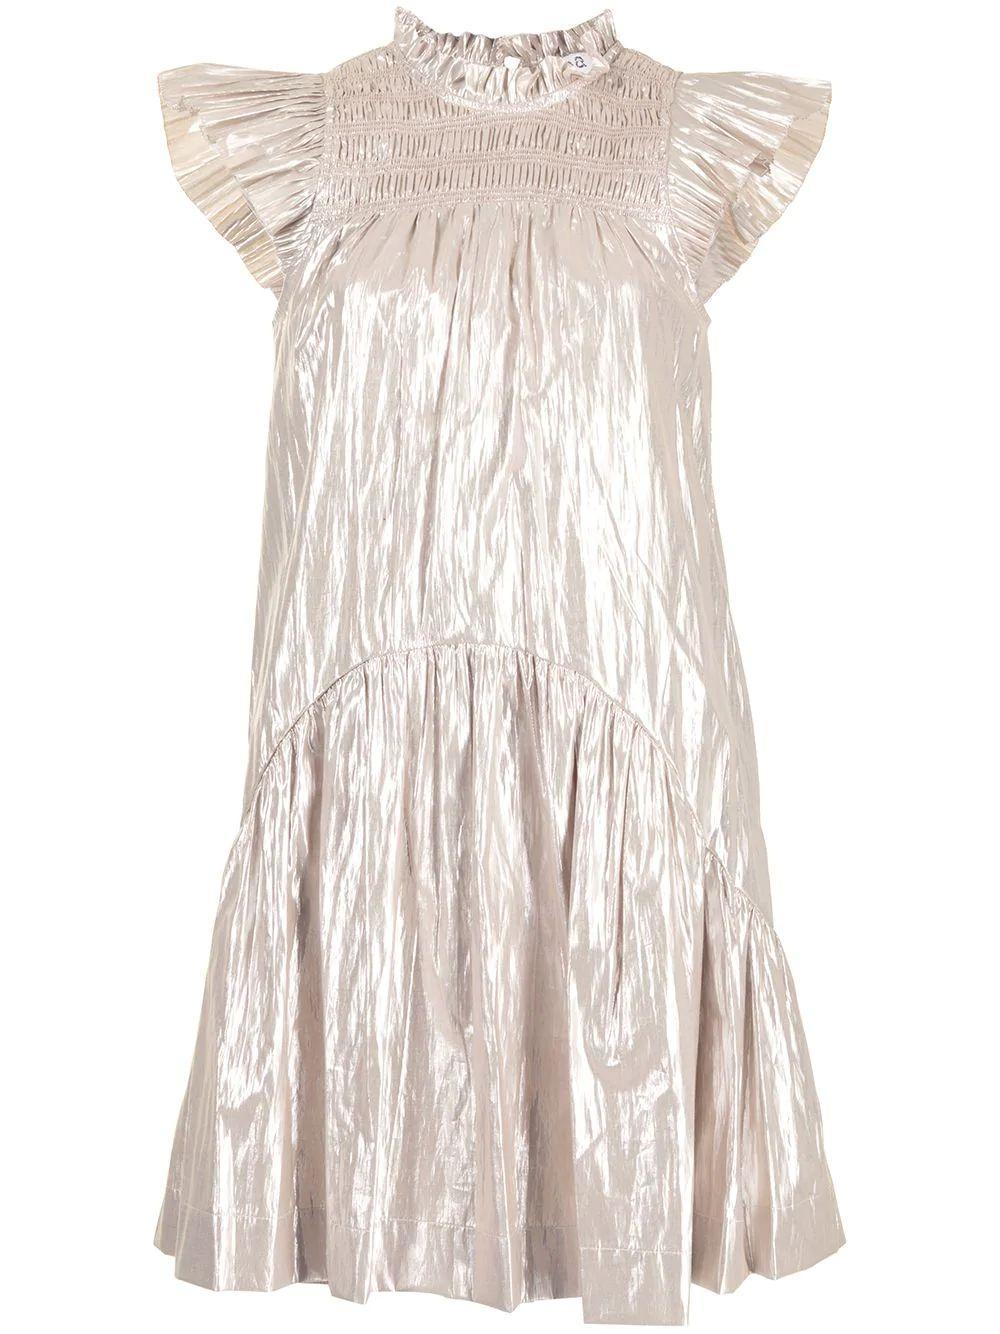 Lumier Flutter Sleeve Dress Item # RS21-36